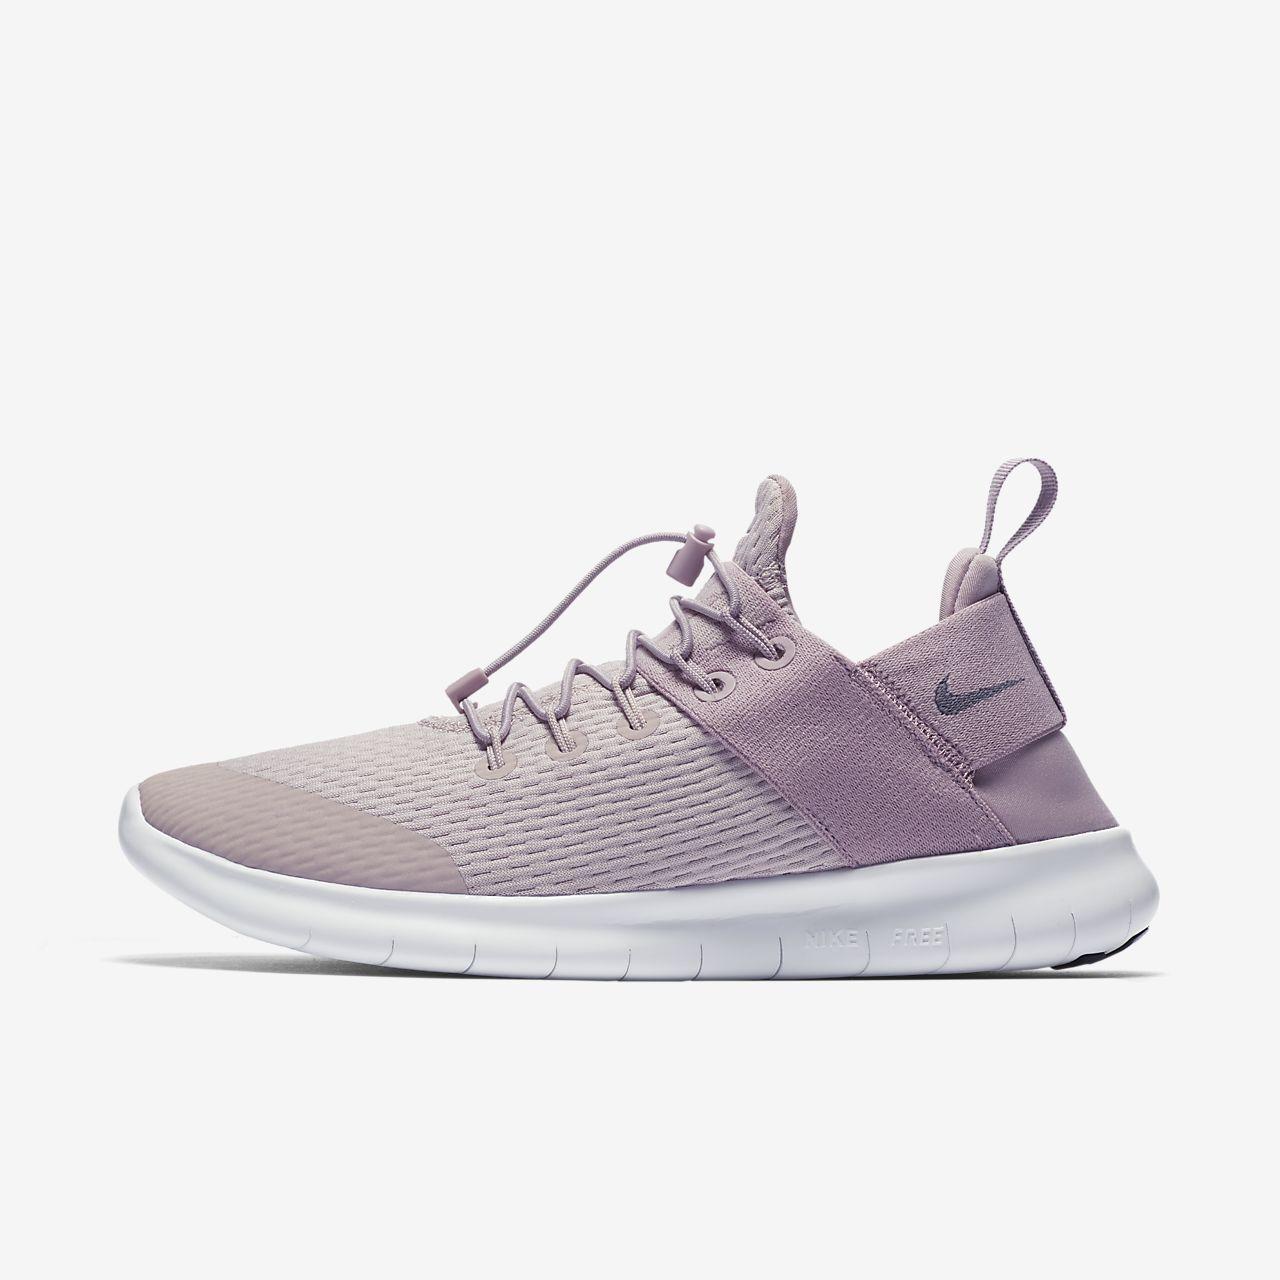 Nike FREE RUN COMMUTER 2017 Bleu - Livraison Gratuite avec - Chaussures Chaussures-de-running Homme